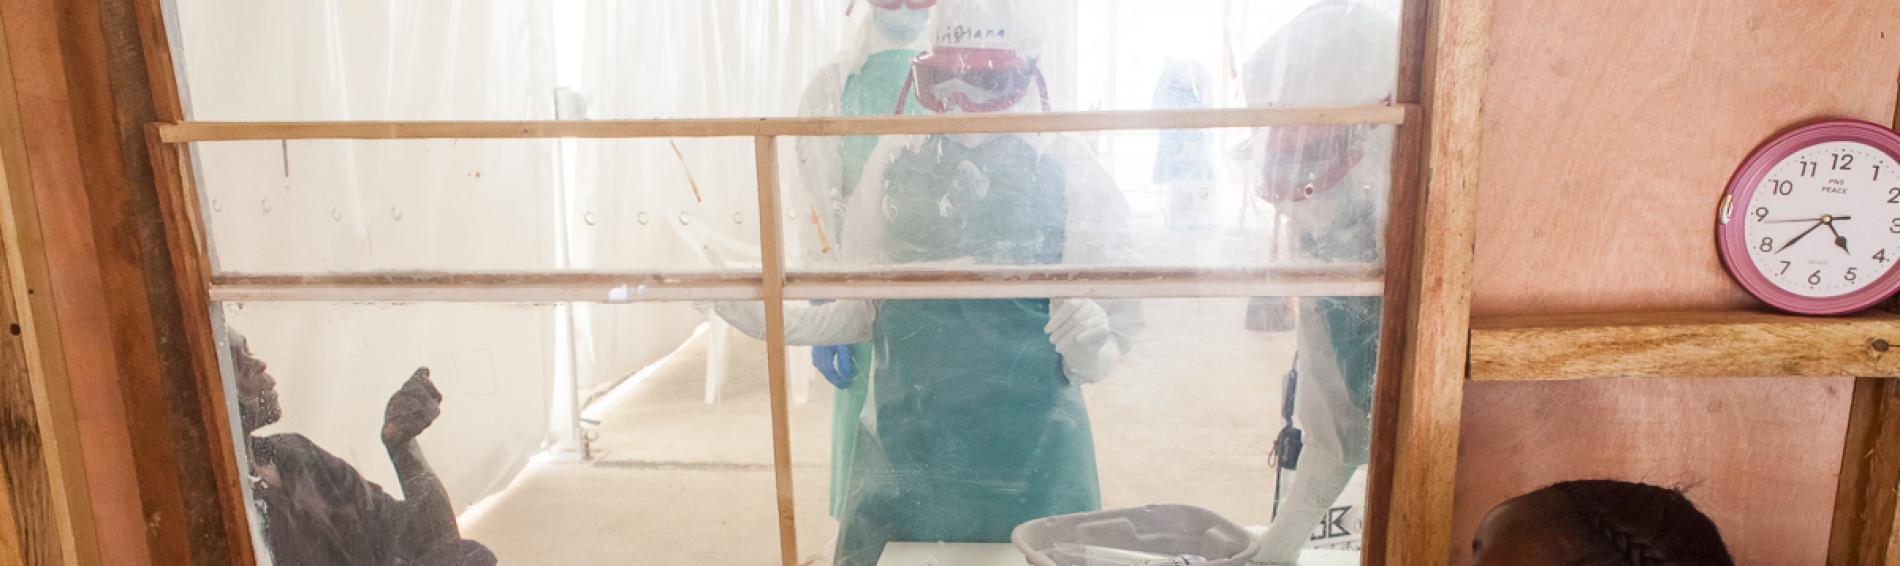 atención en centro hospitalario para tratar el ébola